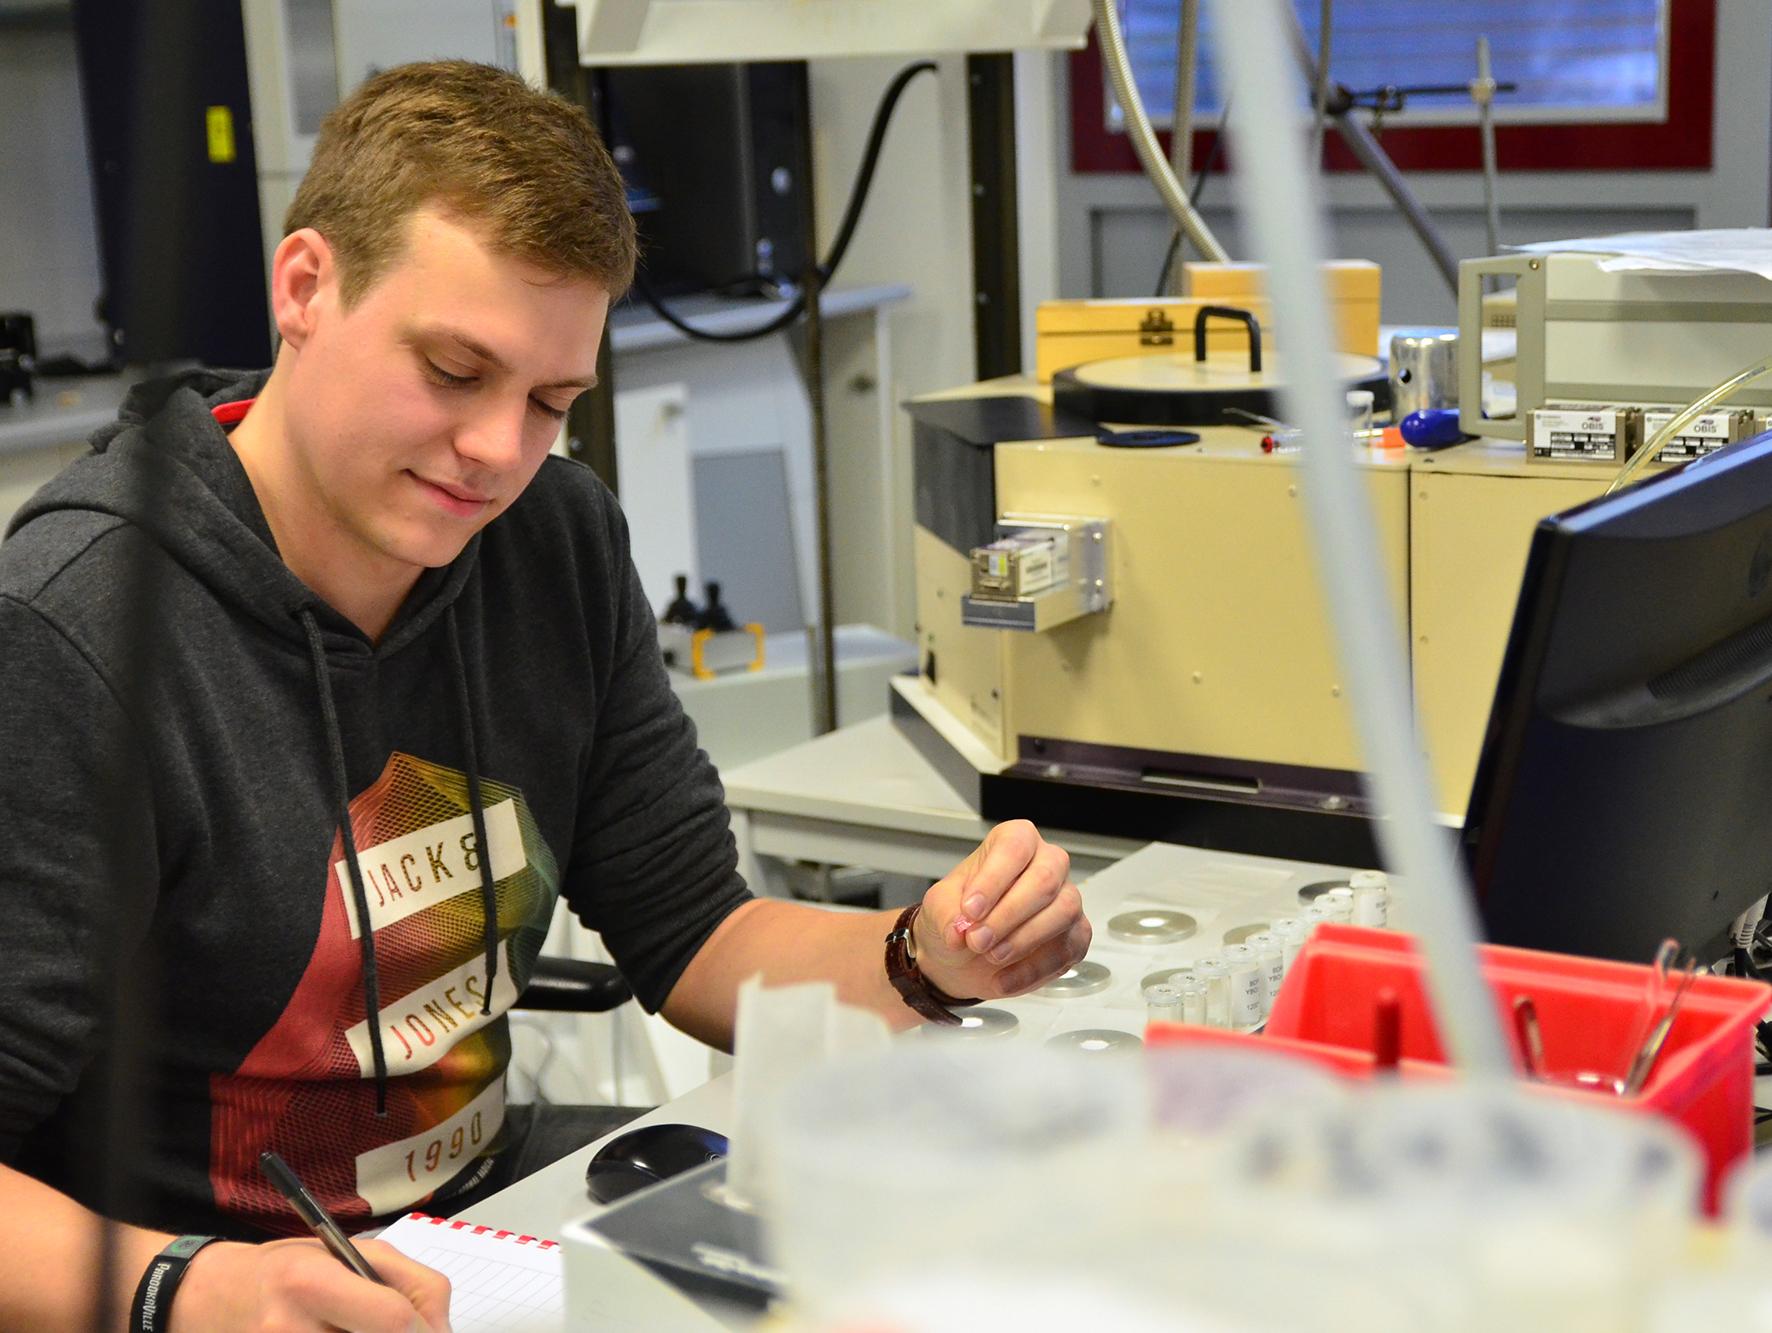 Patrick Pues sitzt schreibend im Labor vor dem Spektrometer und hält ein Kristall-Bruchstück in der linken Hand.